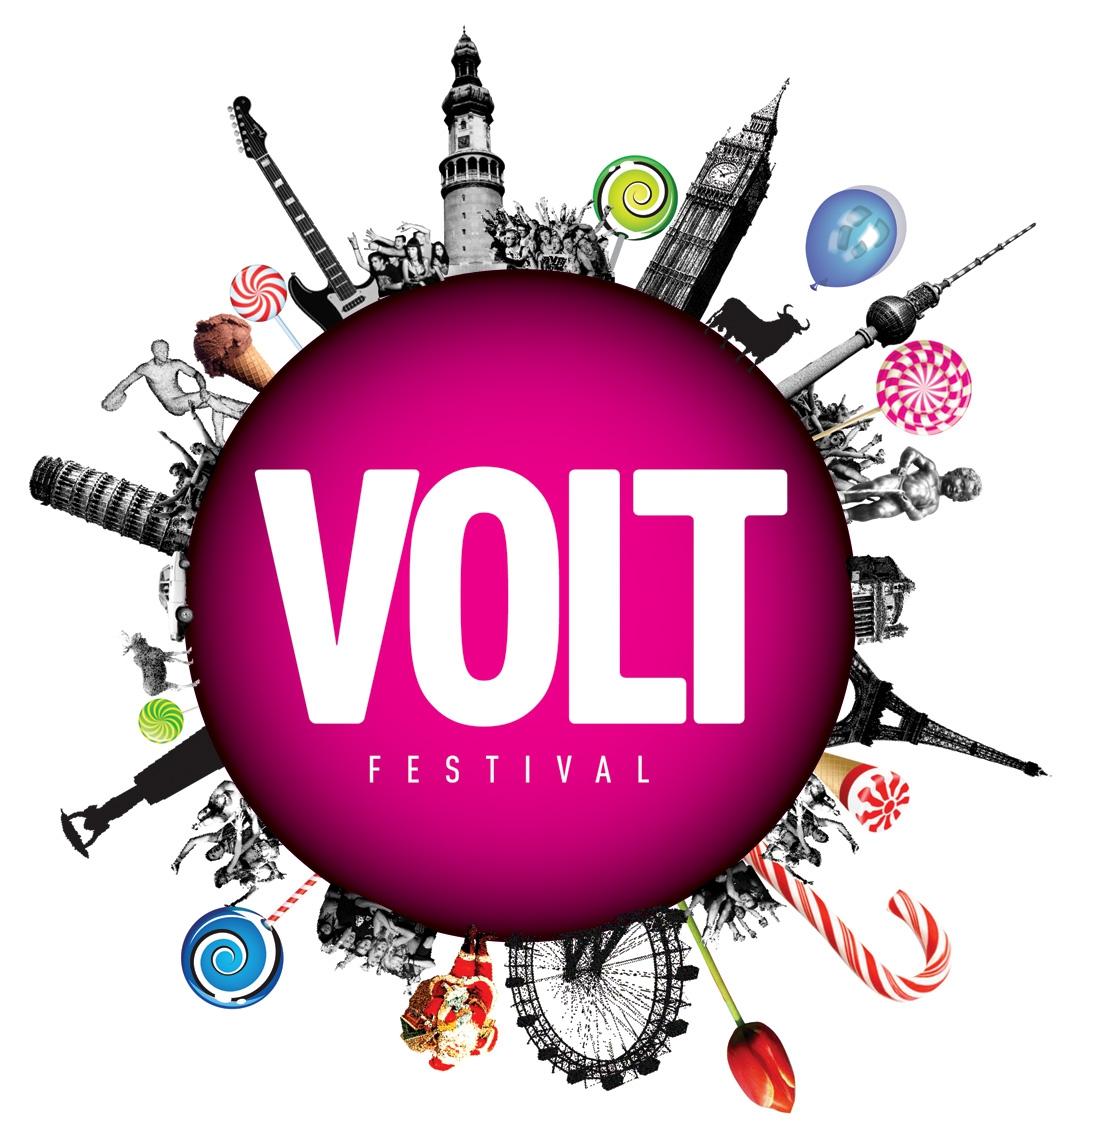 logo-volt-montazs-festival-1435480970.jpg